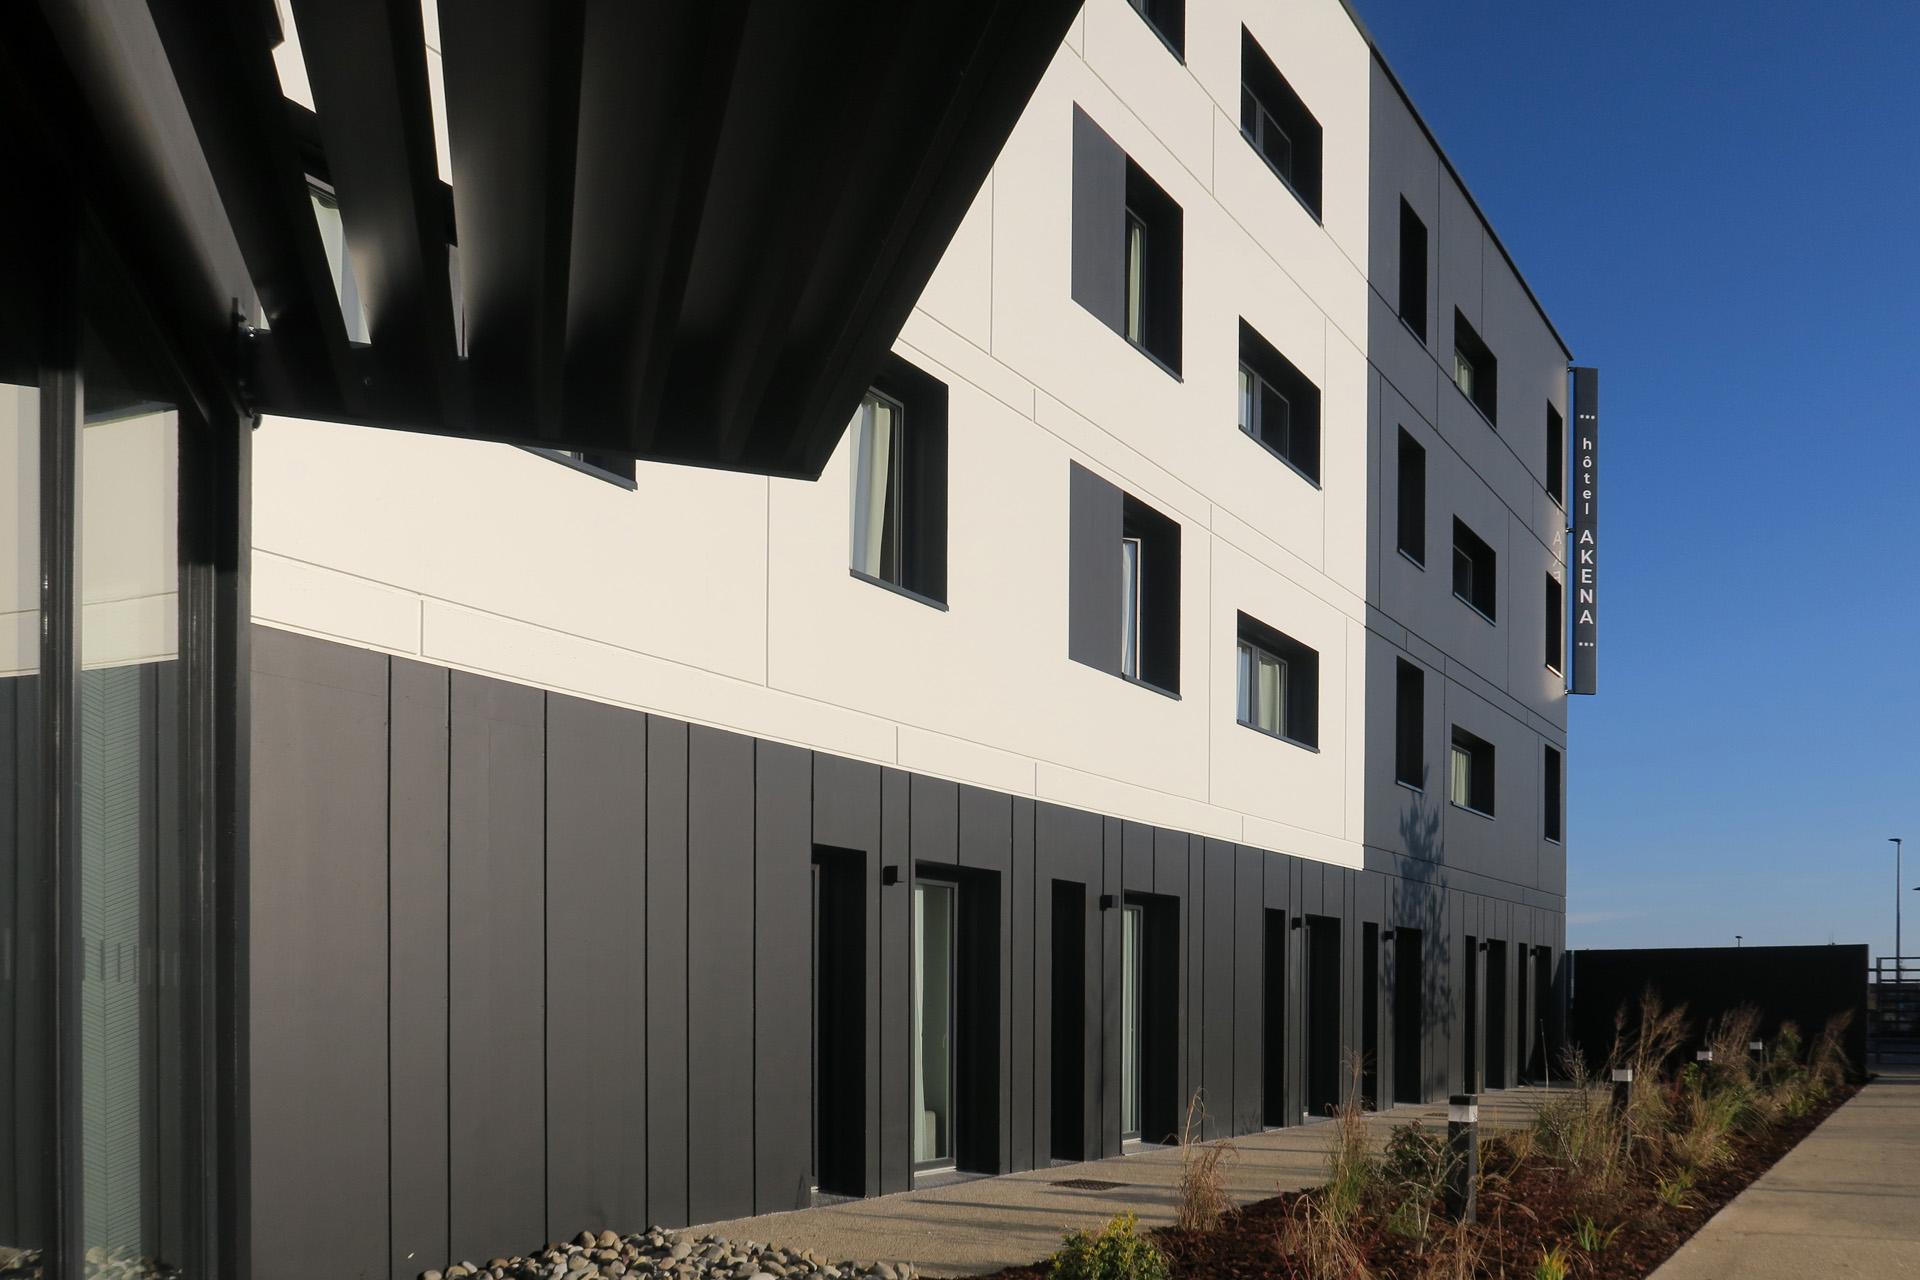 L'Akena Hôtel Troyes propose chambres, suites, salles de séminaires et coworking à 10 minutes de Troyes.